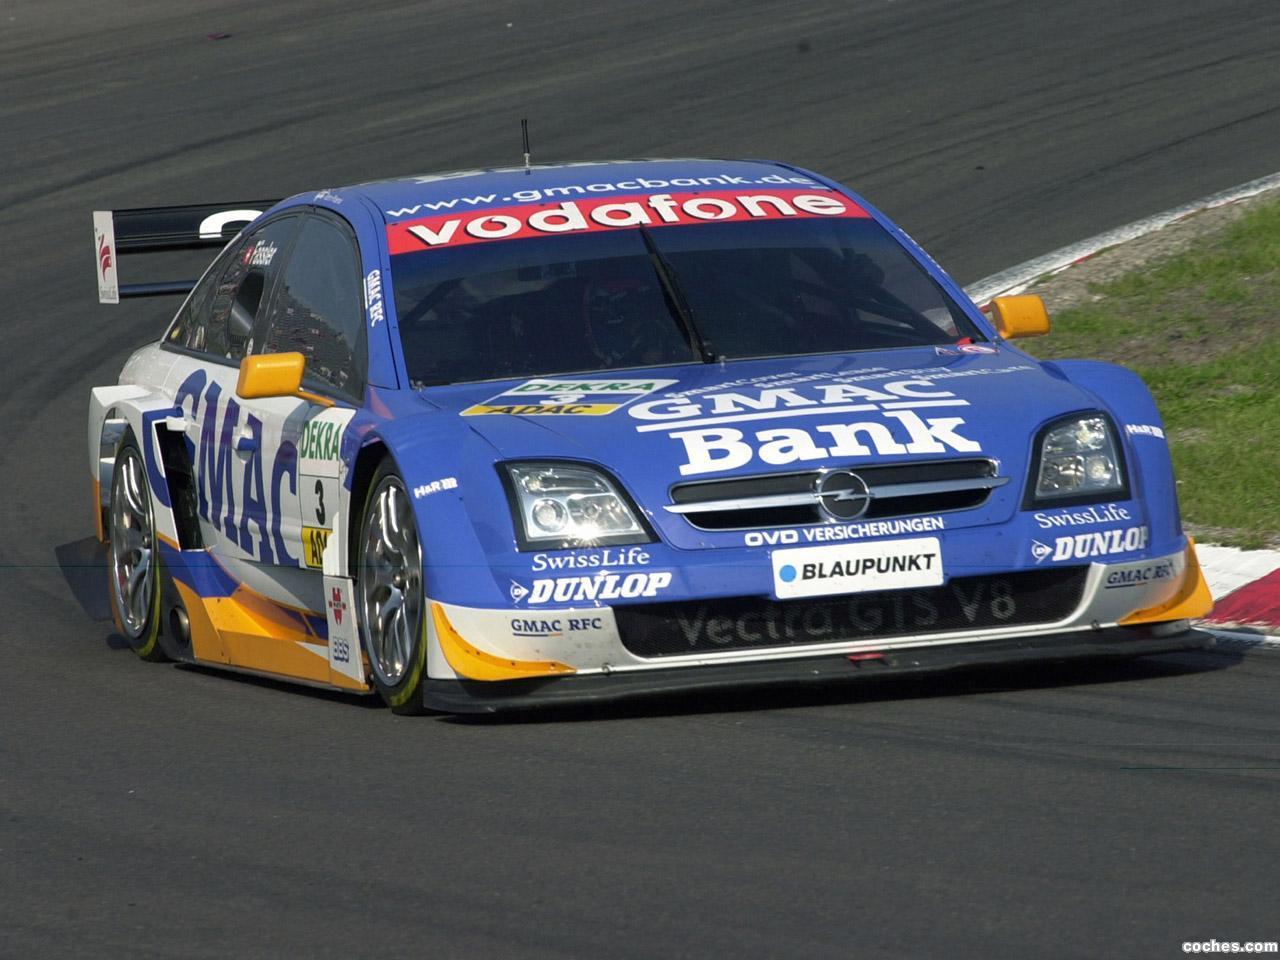 Foto 0 de Opel Vectra V8 DTM 2002